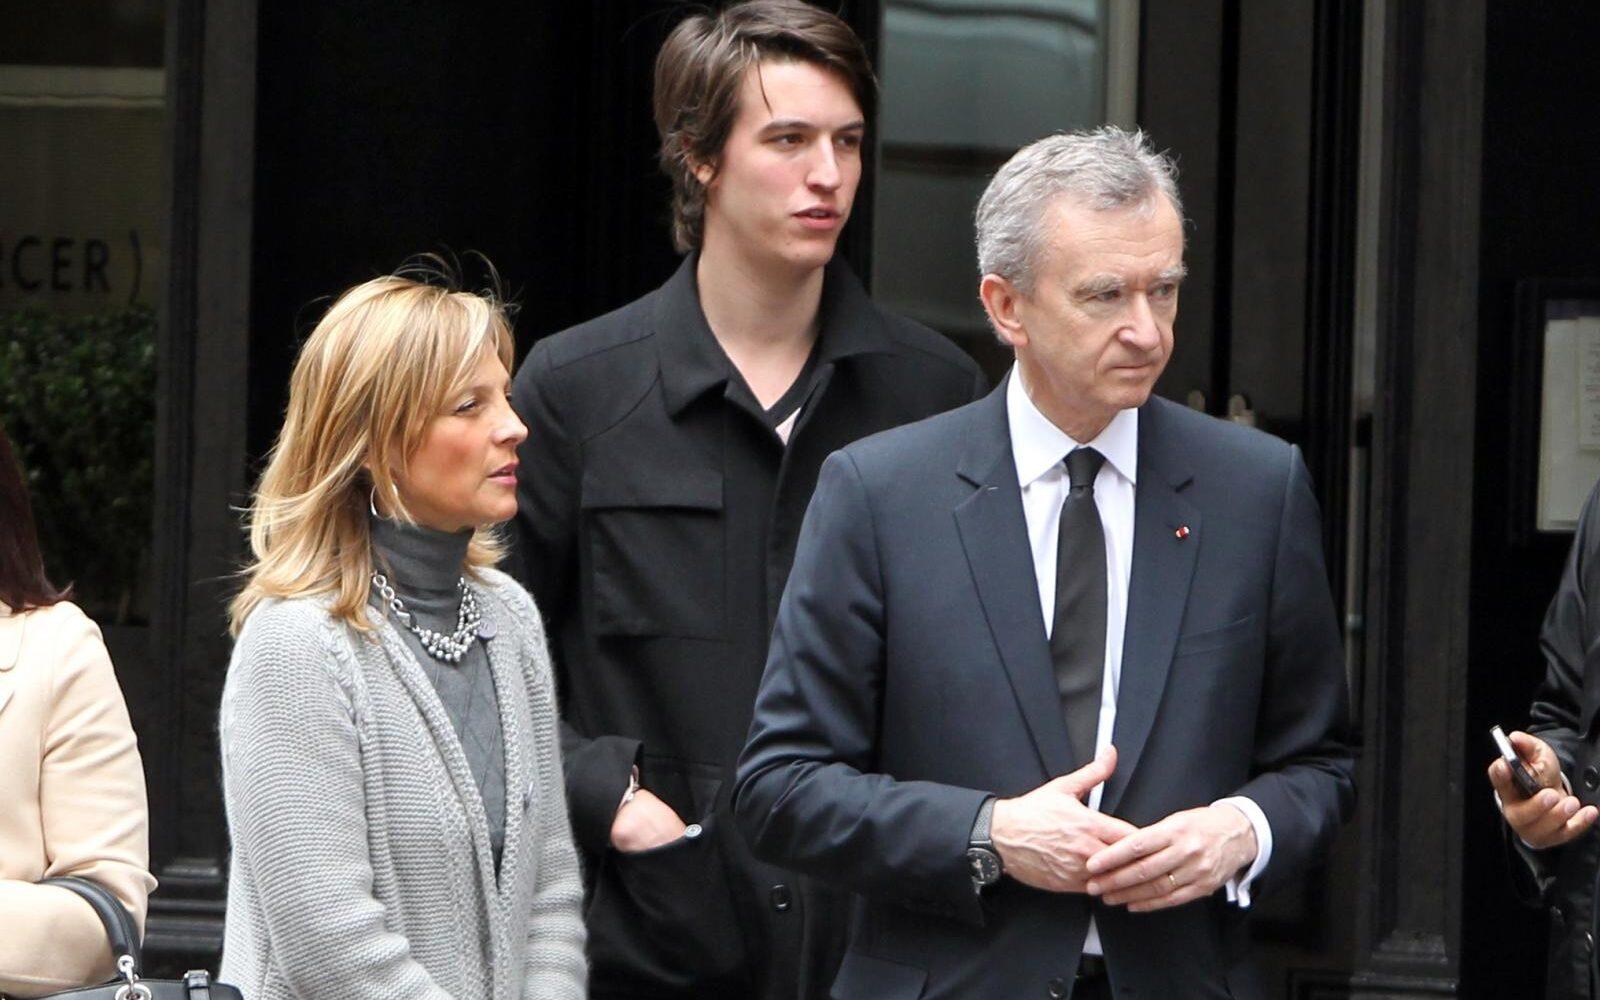 NAJBOGATIJI FRANCUZ! Procjena magazina Forbes: Šef Louis Vuittona postao bogatiji za osam milijardi dolara u sedam dana